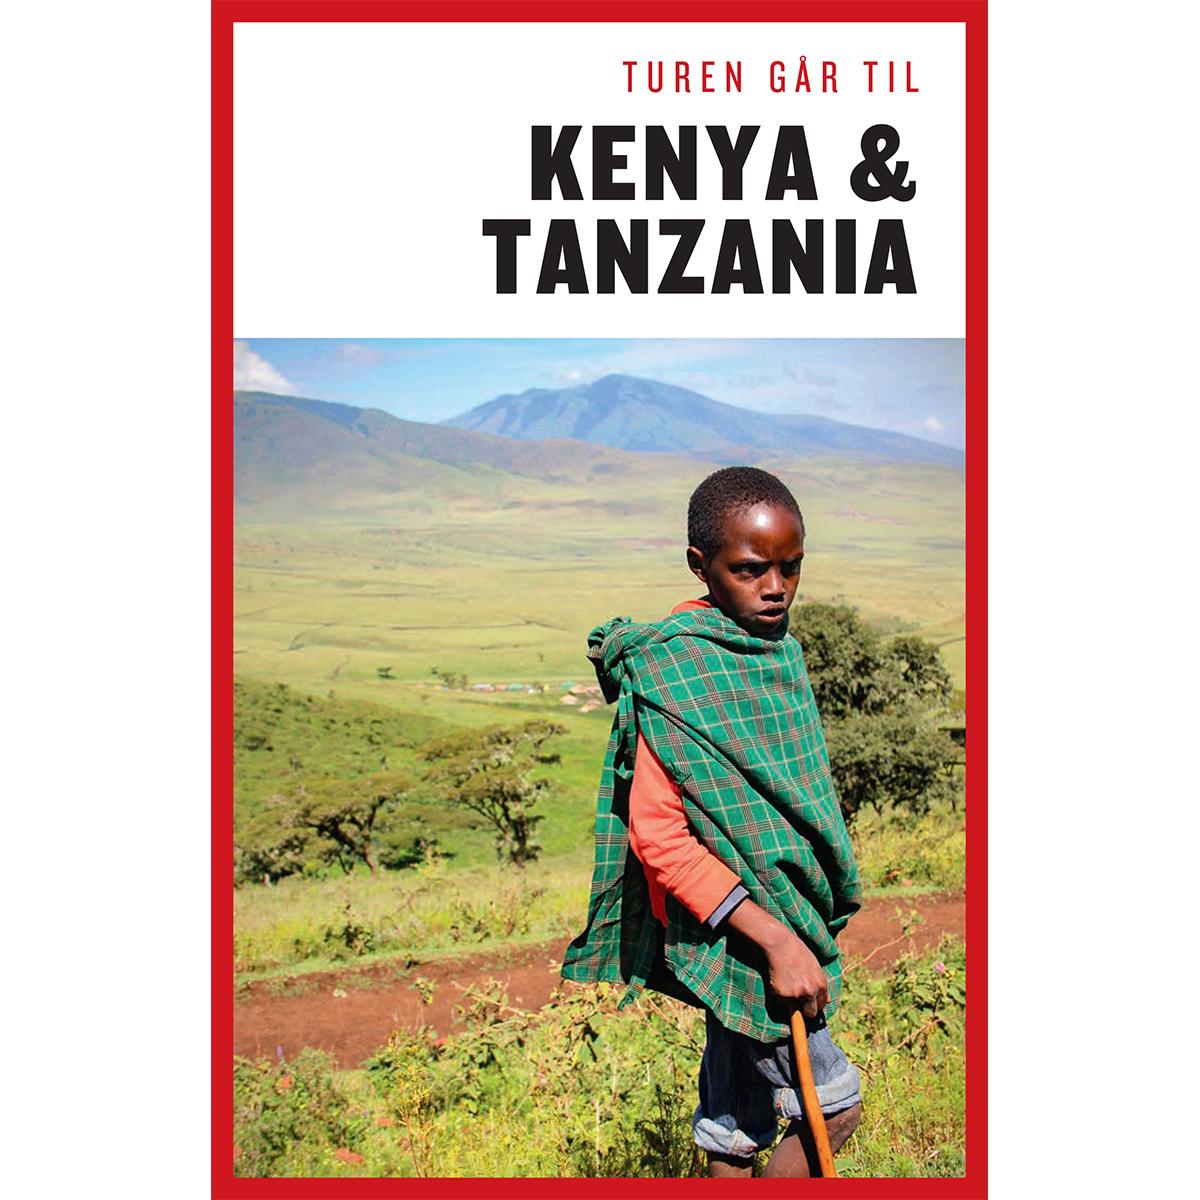 Image of   Turen går til Kenya & Tanzania - Hæftet